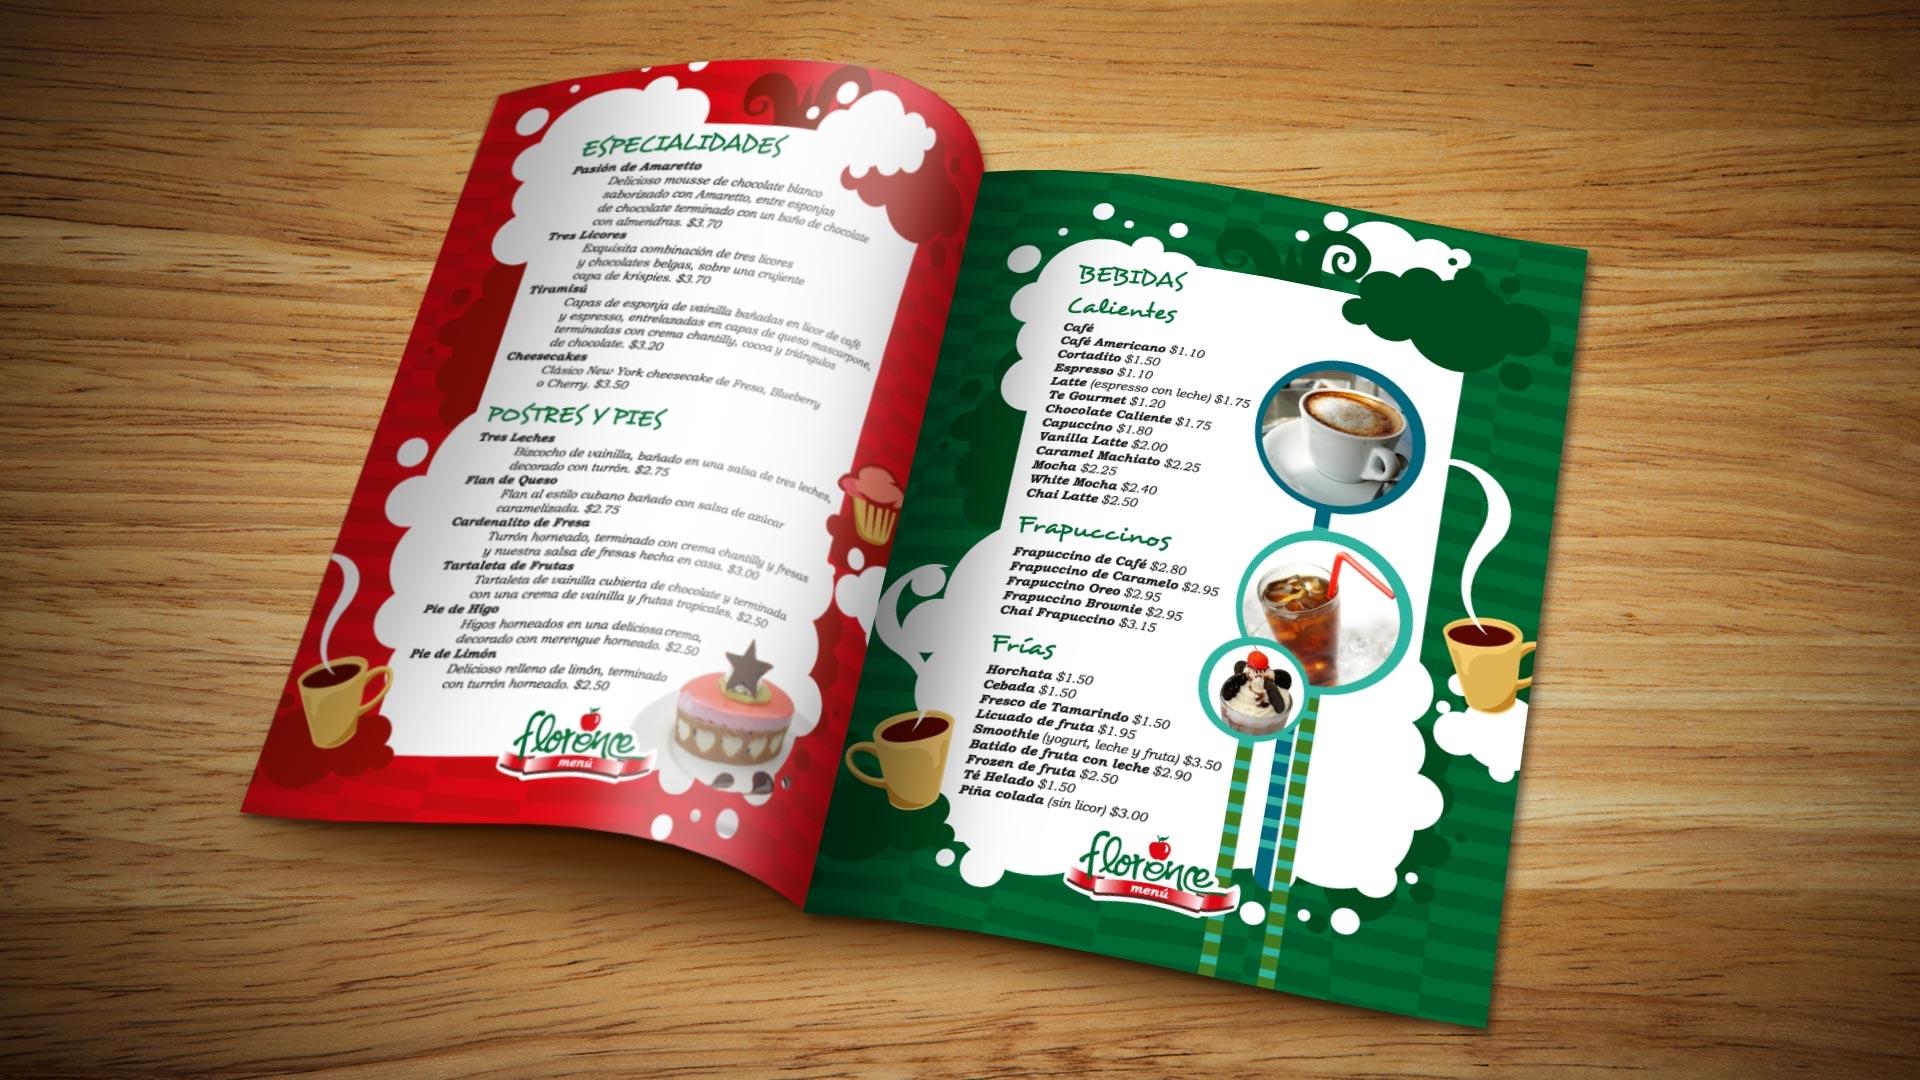 florence_menu_kiosko